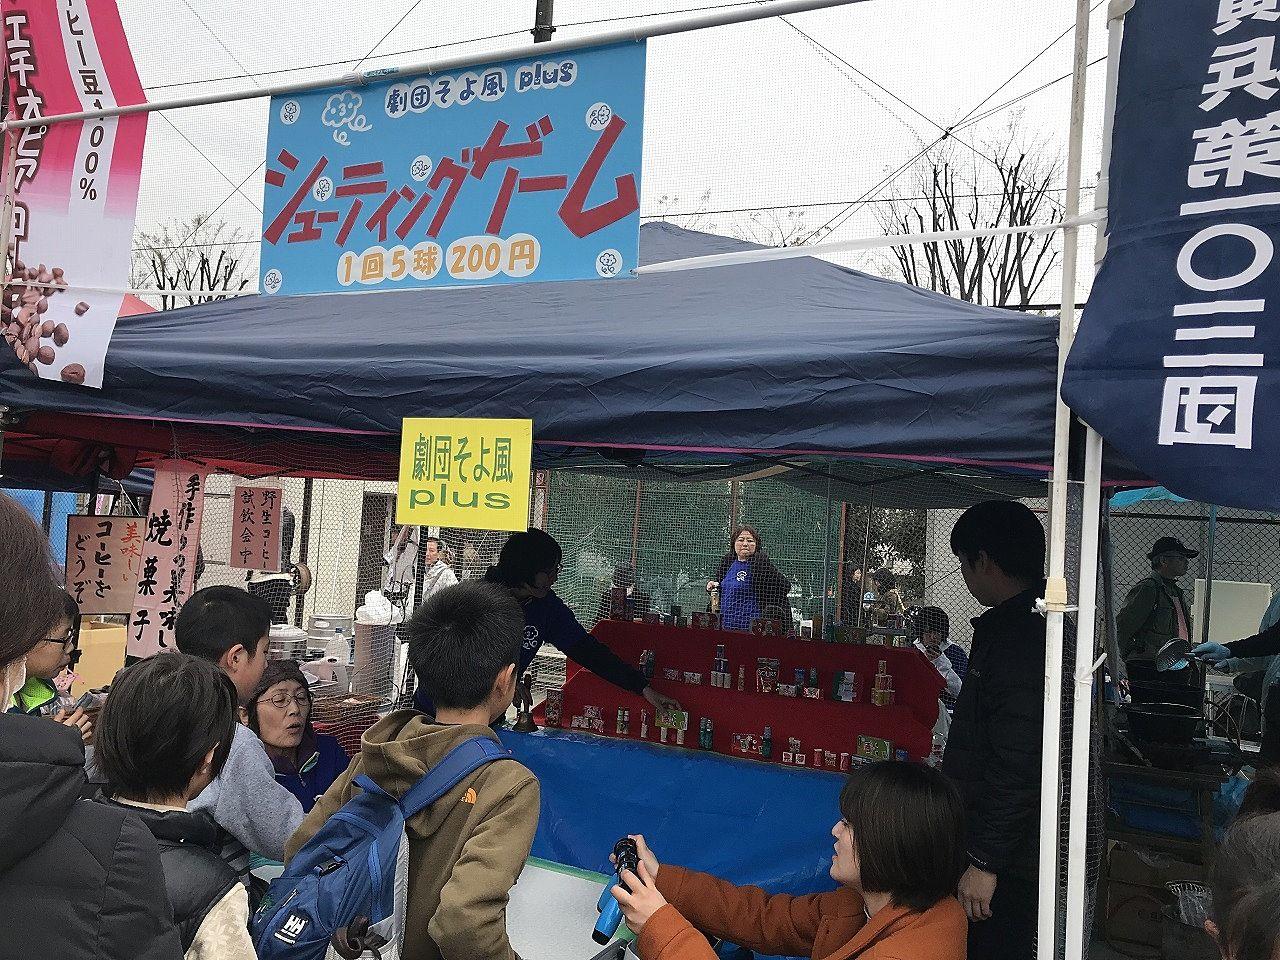 2019年たまプラーザ桜まつり(たまプラーザ桜フェスティバル)に出店の劇団そよ風